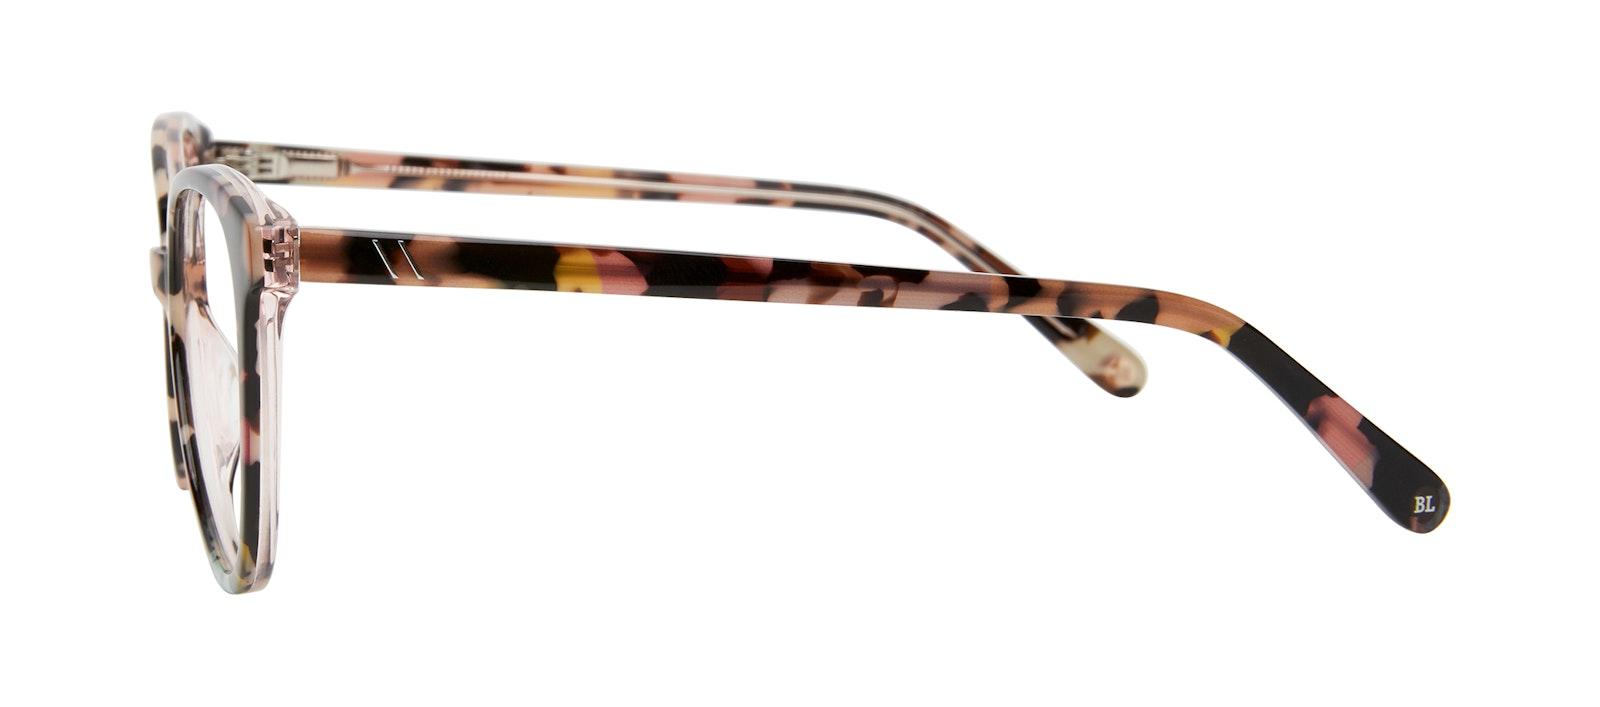 Affordable Fashion Glasses Cat Eye Eyeglasses Women Esprit L Pastel Tort Side